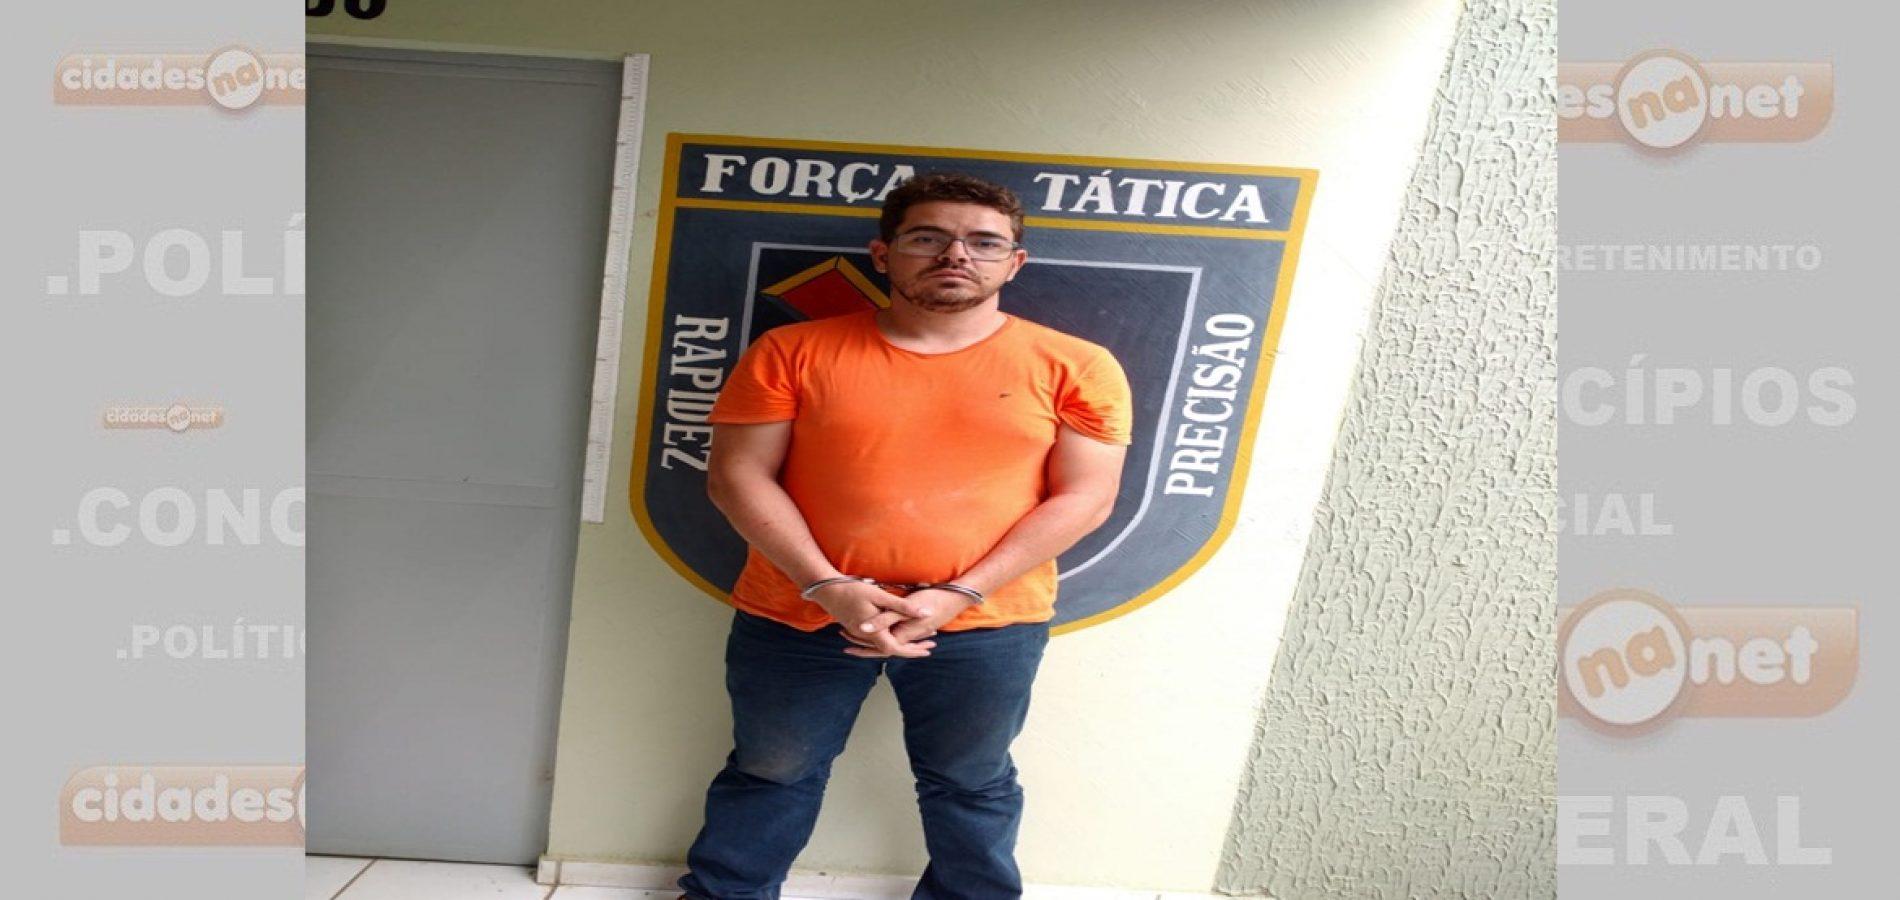 Professor condenado a dez anos por tráfico de drogas é preso pela Força Tática de Paulistana